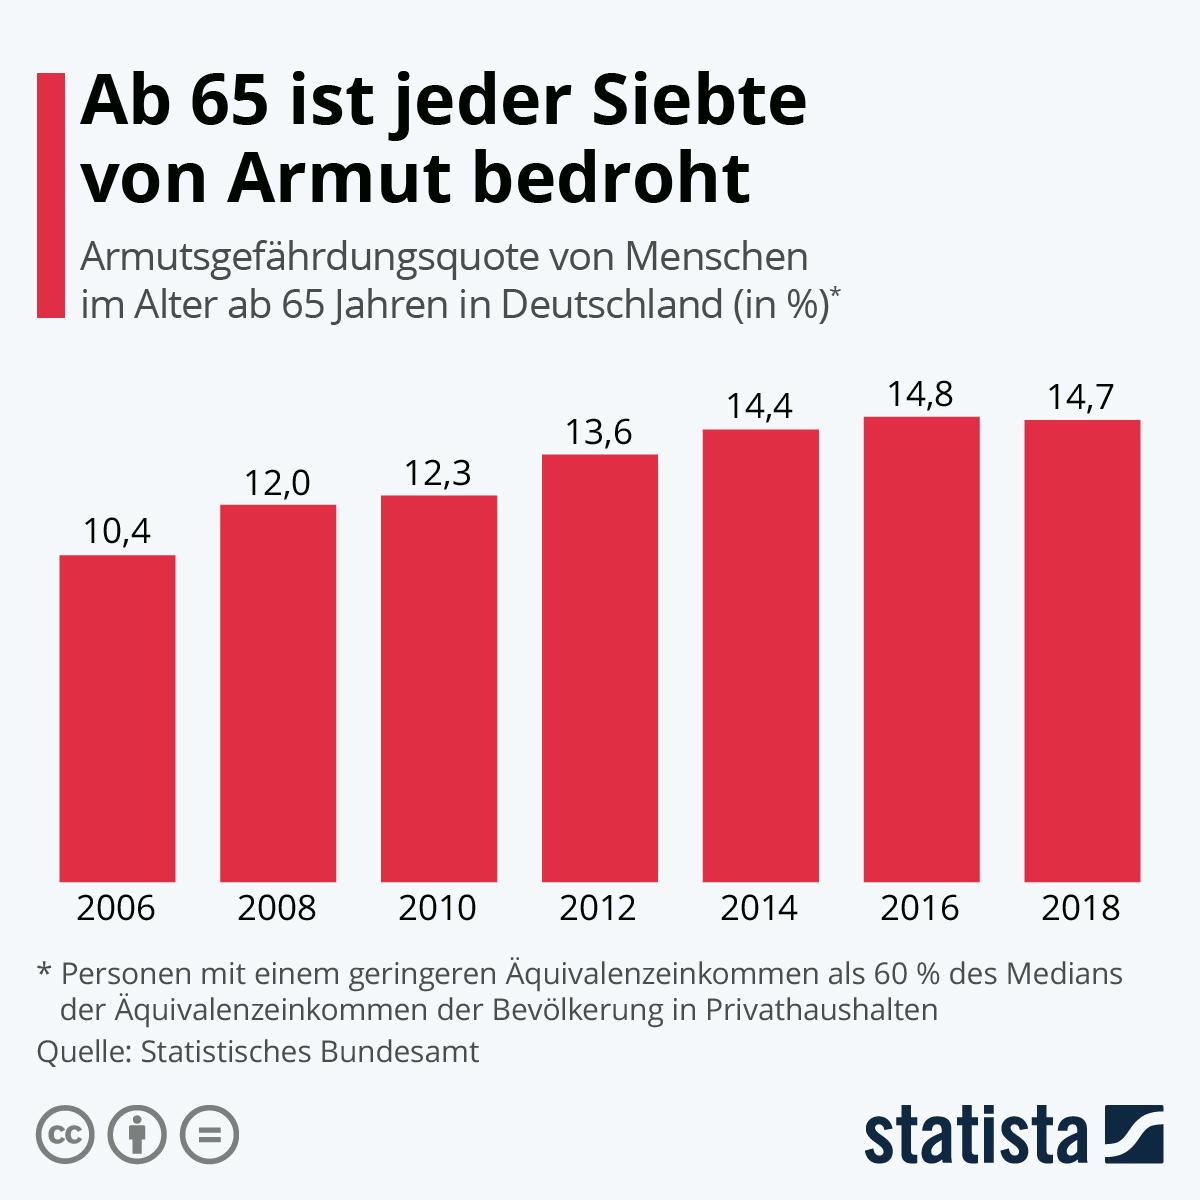 Infografik: Ab 65 ist jeder Siebte von Armut bedroht | Statista